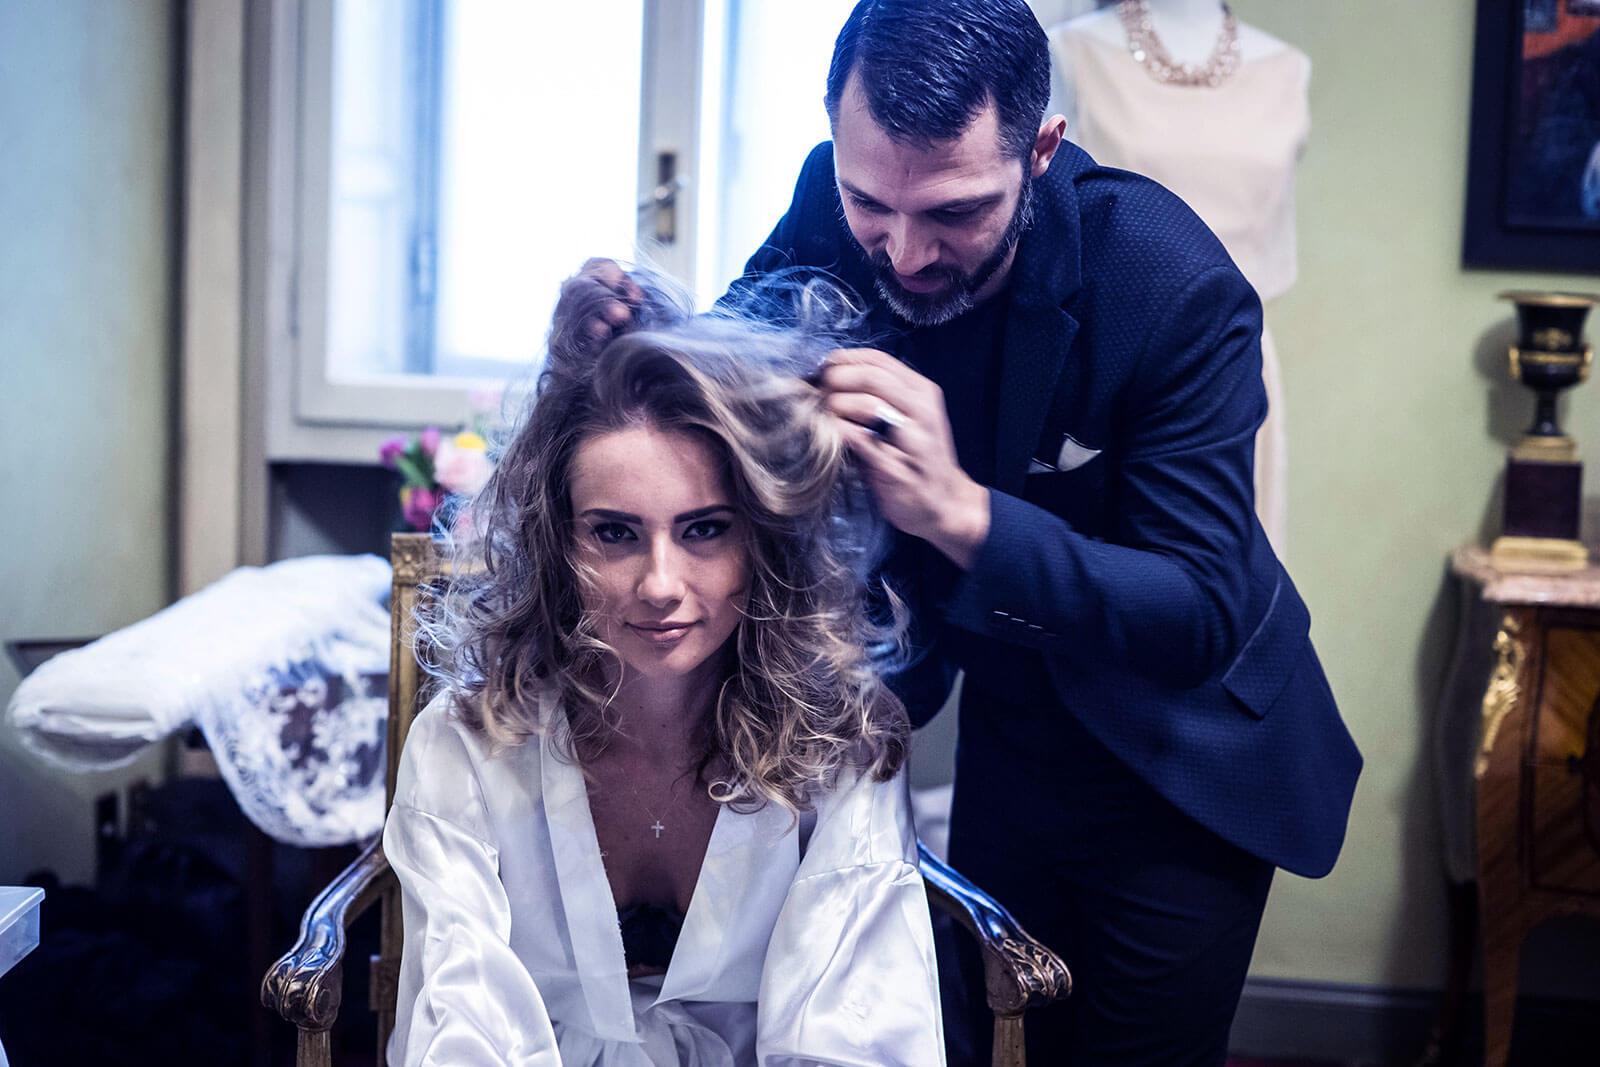 imago-equipe-sebastiano-attardo-concepr-store-deluxe-fashion-beauty-parrucchiere-milano-look-sposa